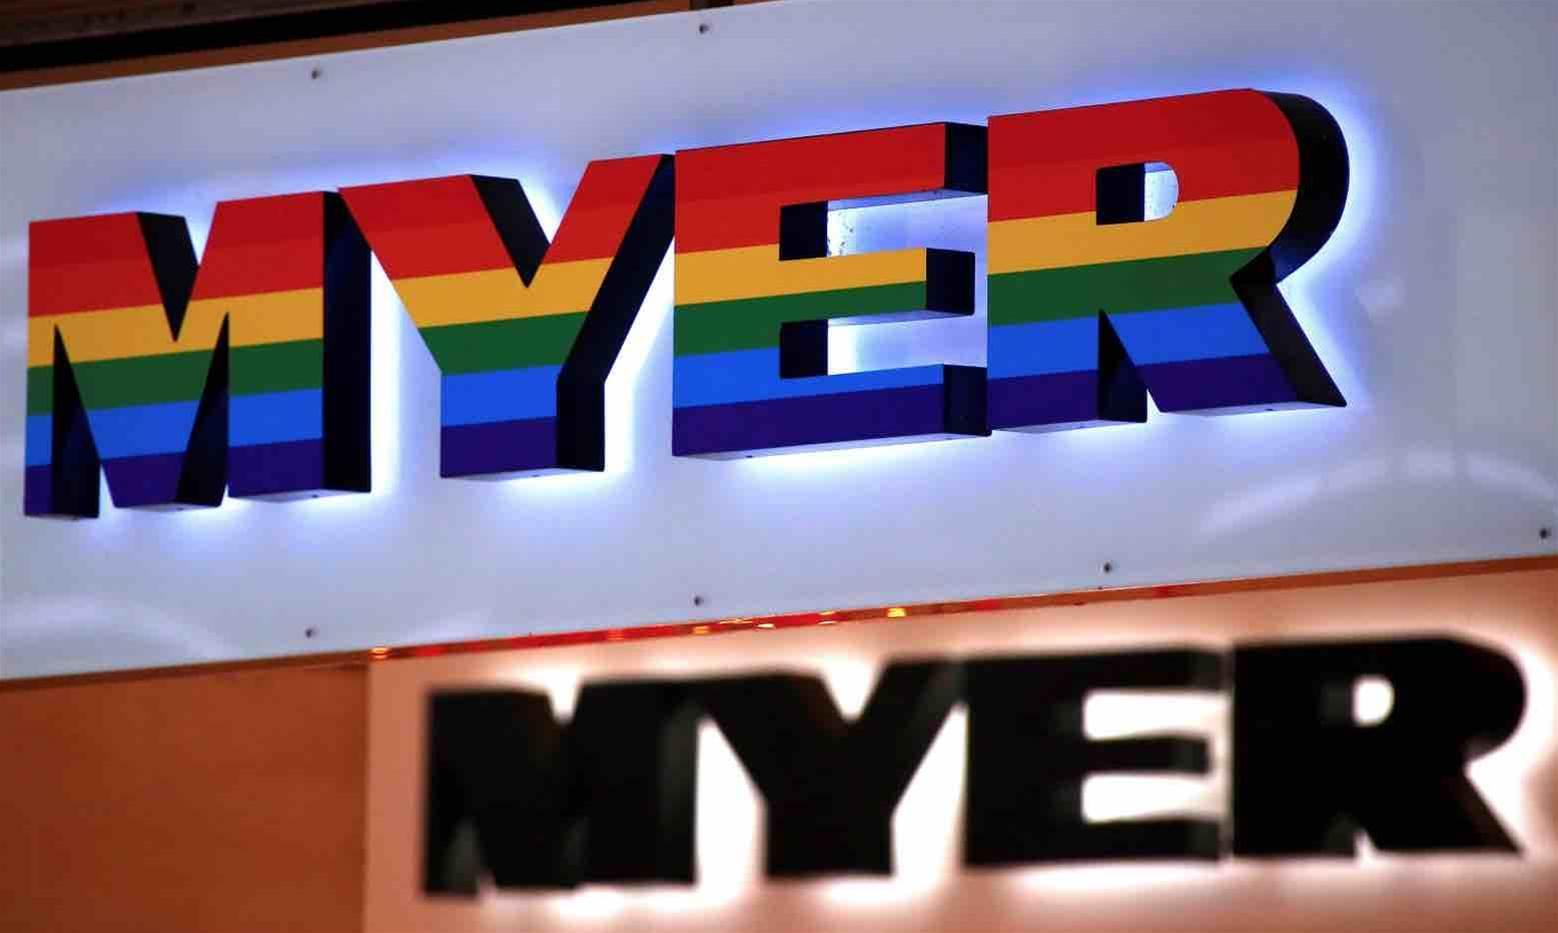 Myer dumps 'unprofitable' Apple products